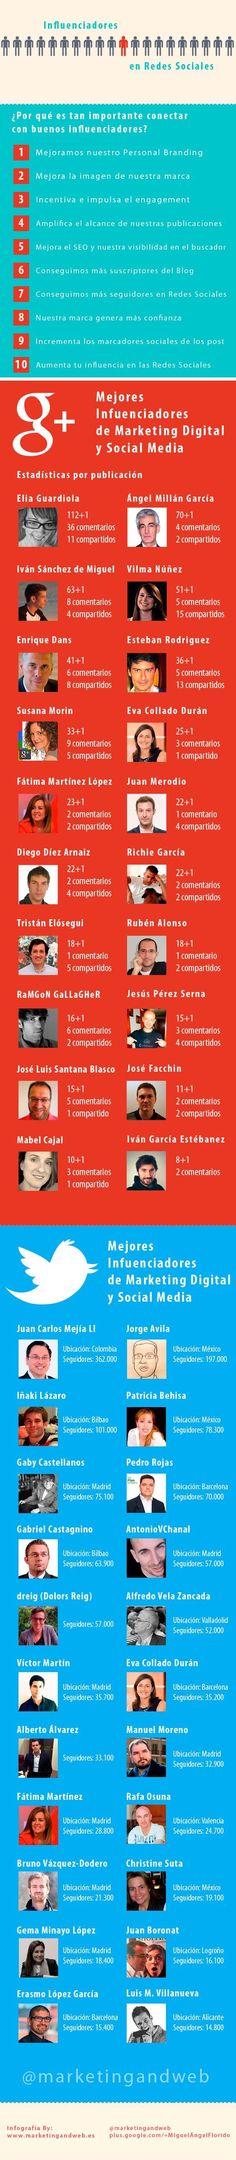 Ranking de influenciadores de Twitter y Google+. Infografía en español. #CommunityManager